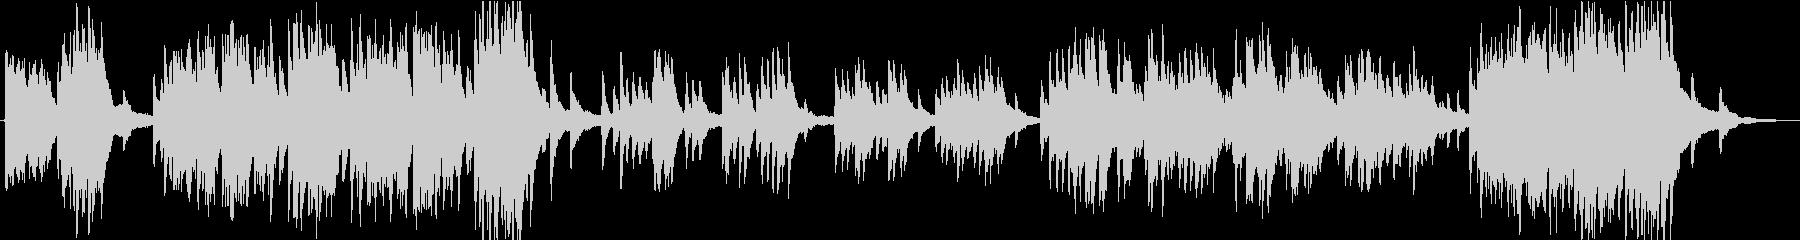 ソロピアノ。勝利、フォーク、中世の...の未再生の波形